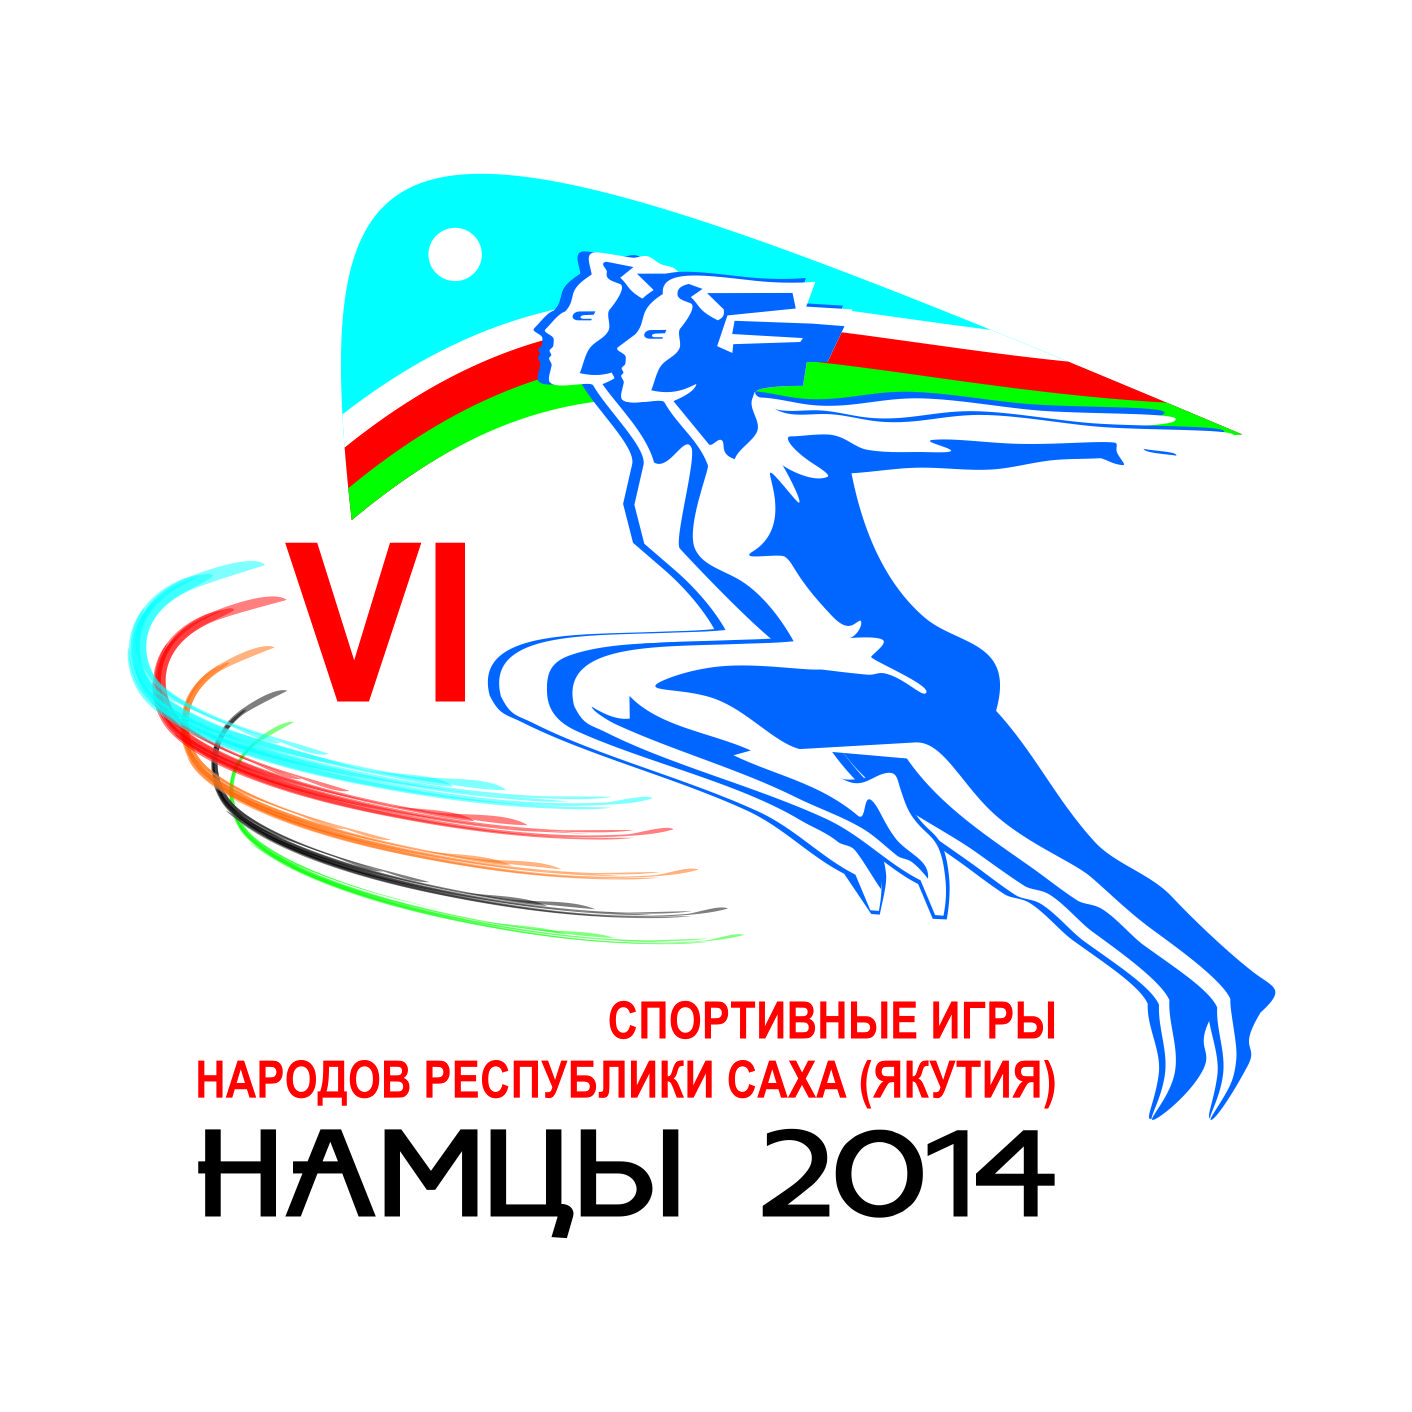 Год проведения VI спортивных Игр в Якутии